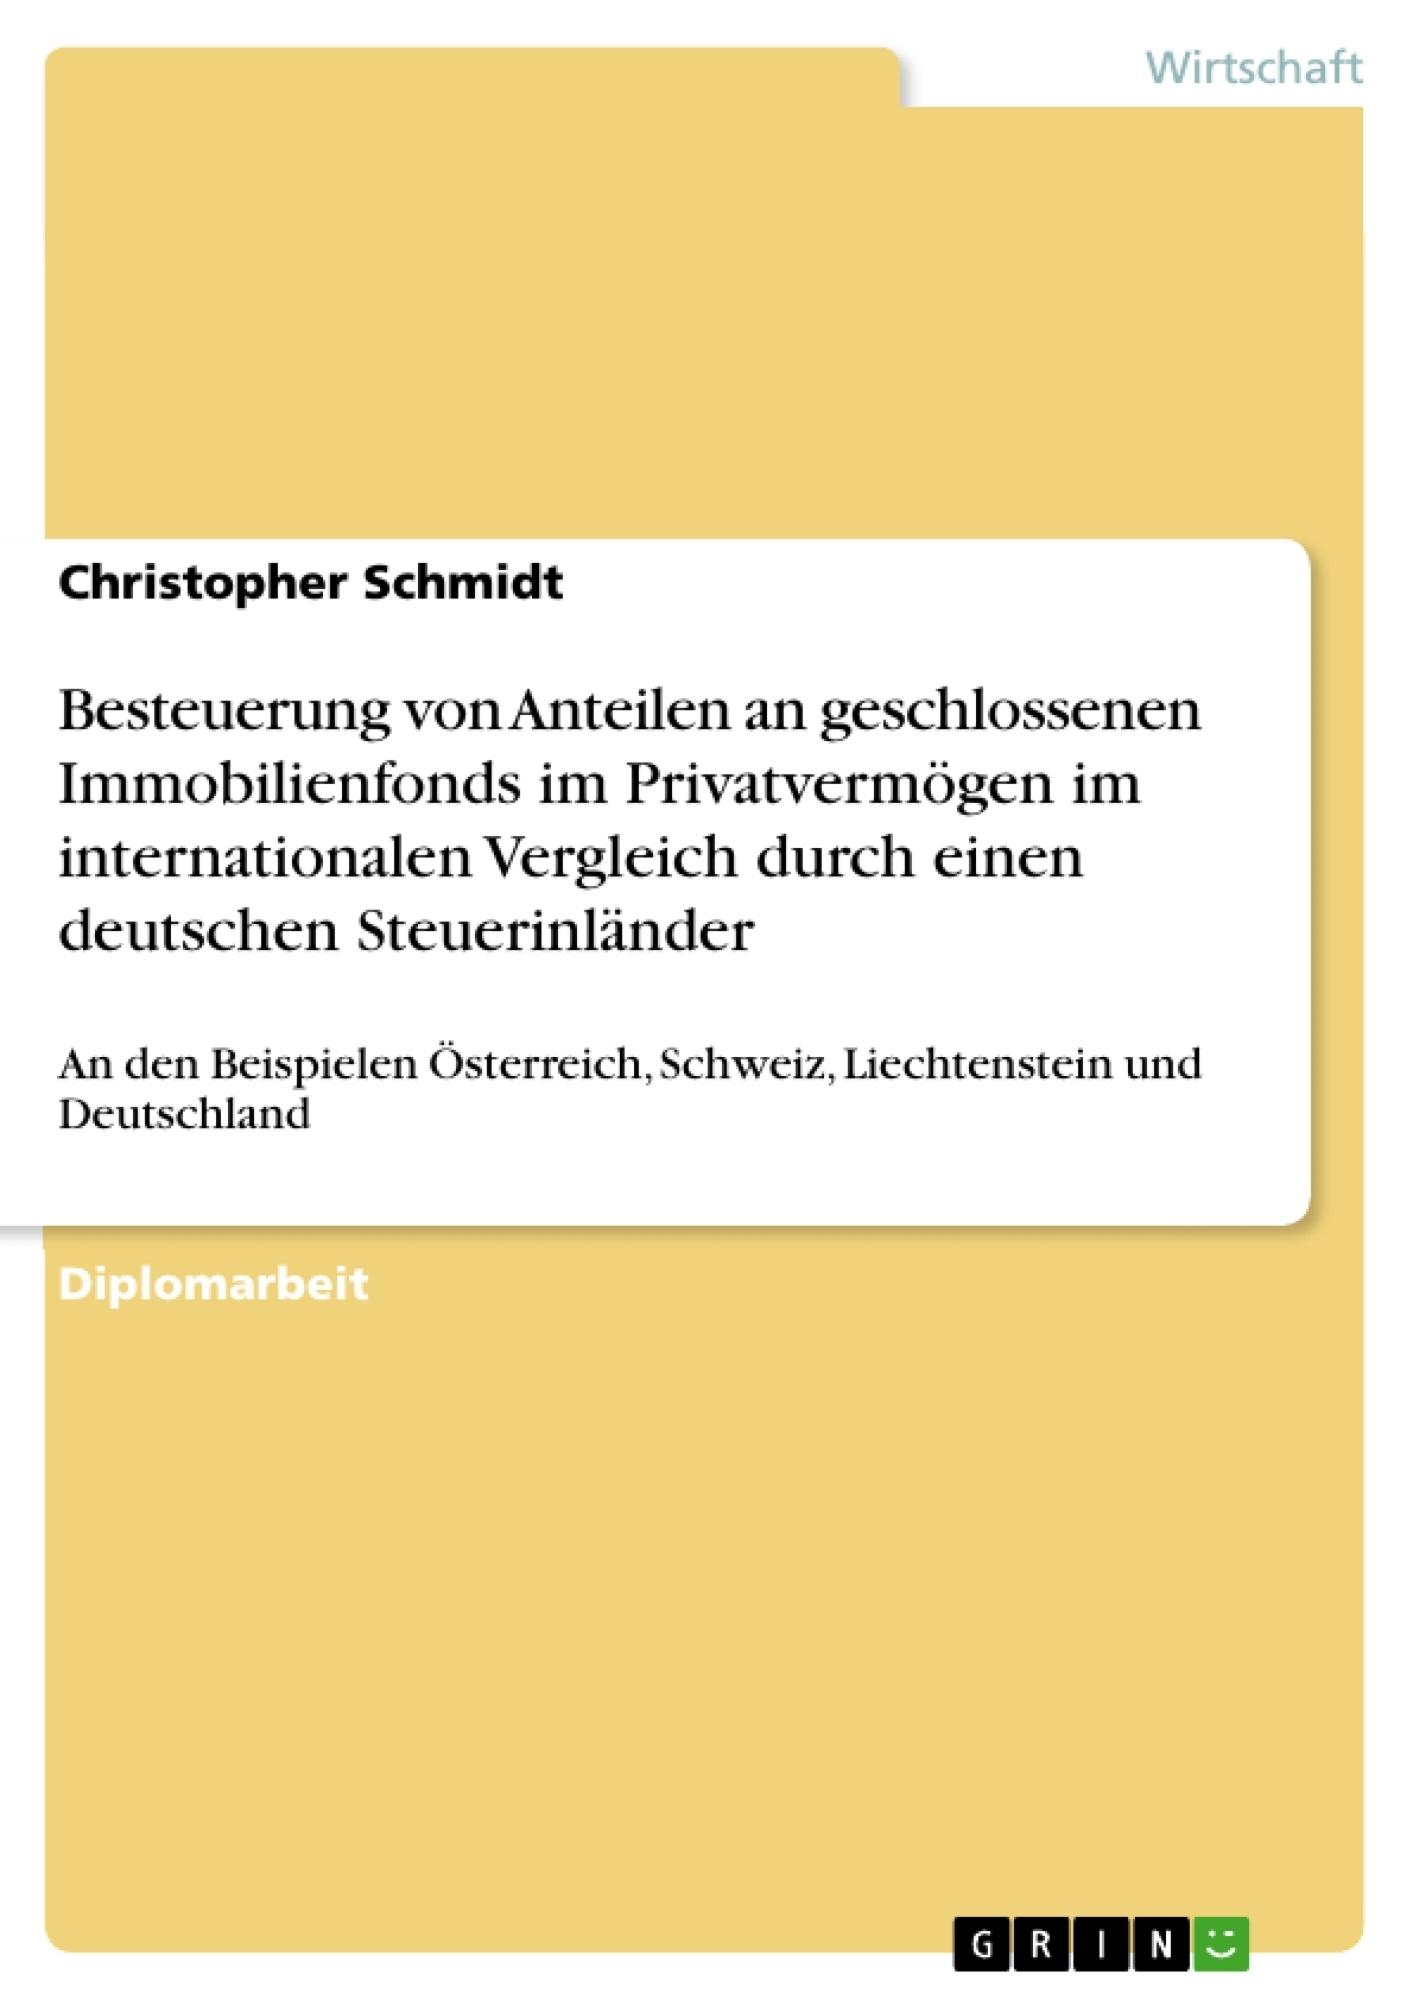 Titel: Besteuerung von Anteilen an geschlossenen Immobilienfonds im Privatvermögen im internationalen Vergleich durch einen deutschen Steuerinländer